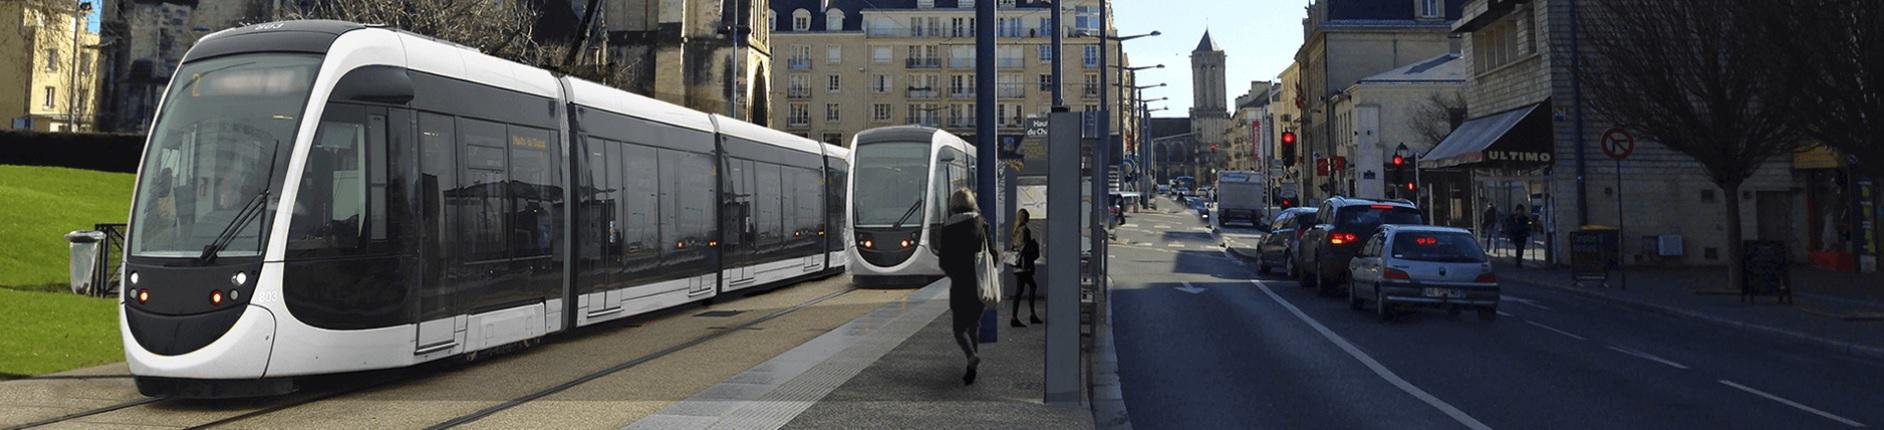 Vizualizace provozu klasických tramvají v Caen. (zdroj: http://www.tramway2019.com/)